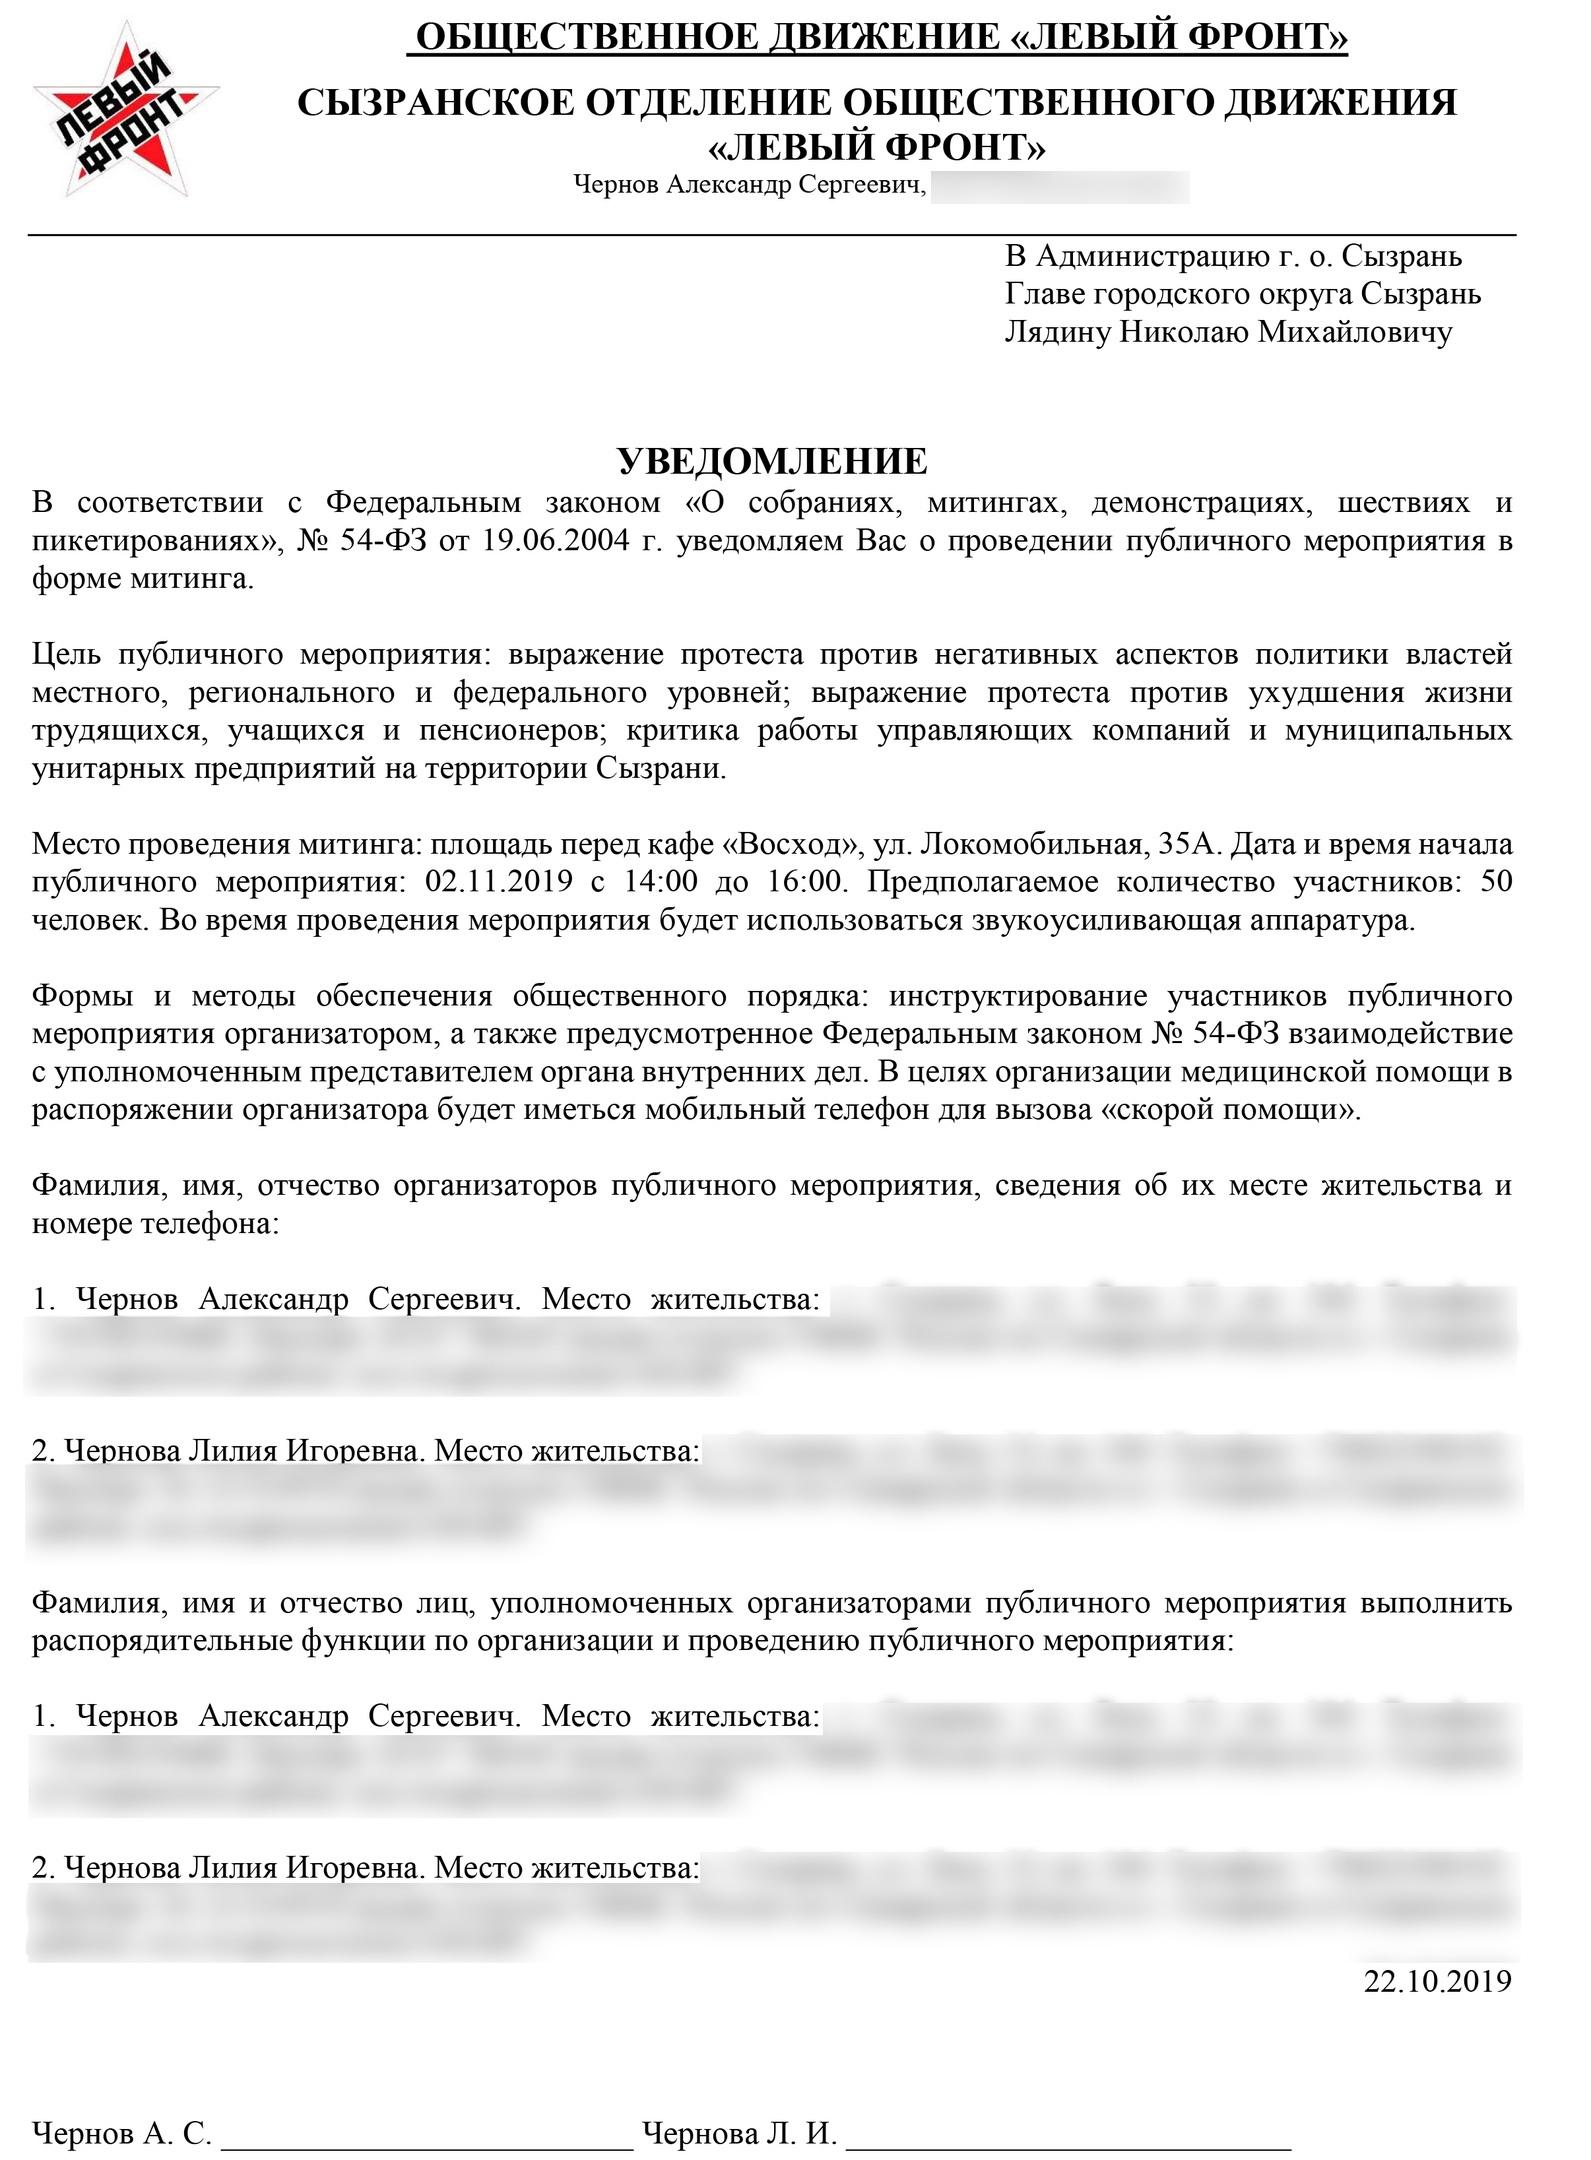 Левый Фронт Сызрань - уведомление о митинге